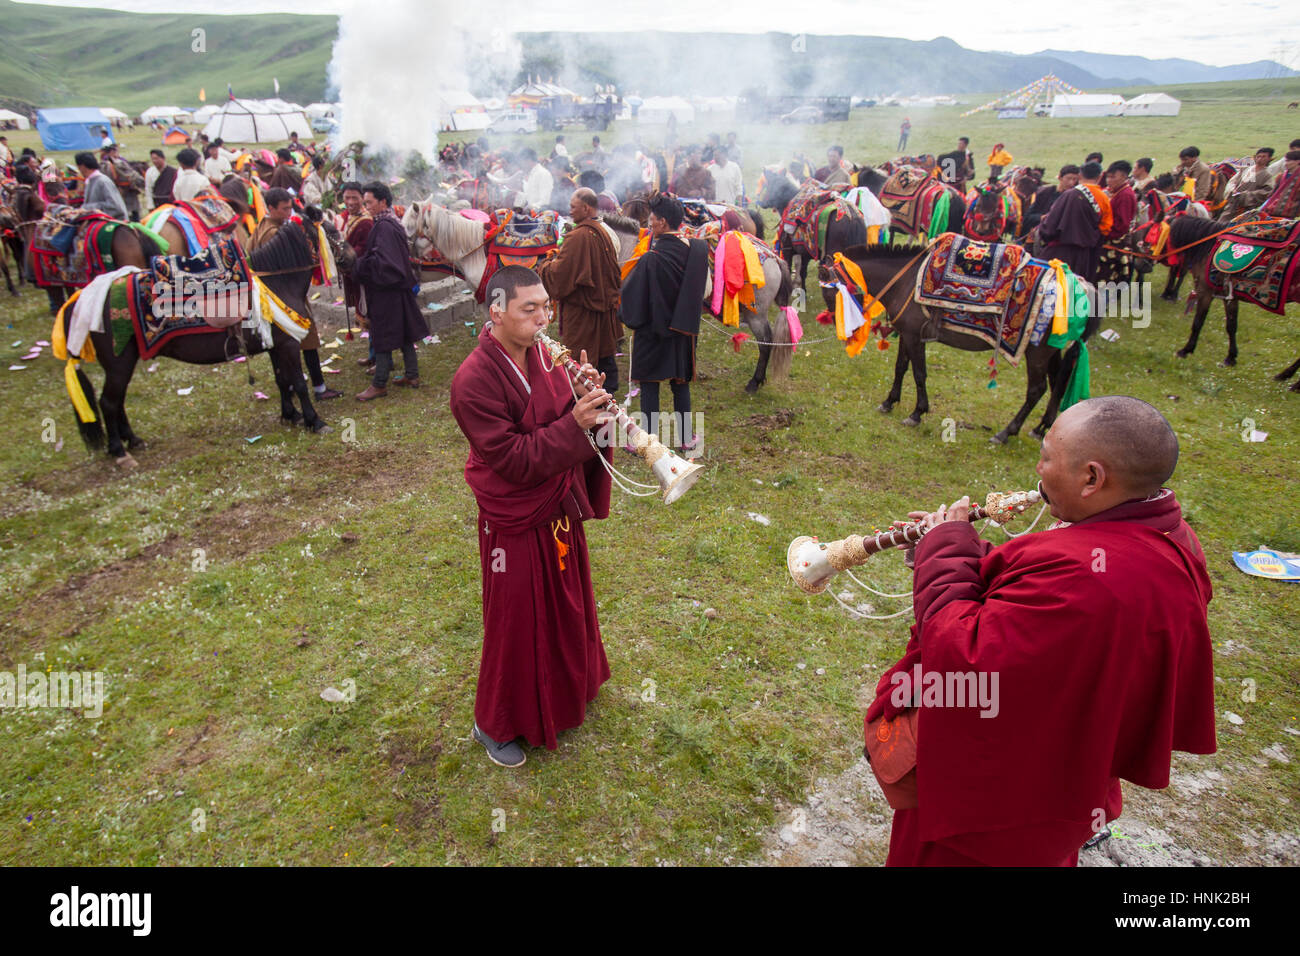 Monaci buddisti tibetani riprodurre strumenti tradizionali di benedire i piloti del Cavallino prima racing al Manigango Immagini Stock